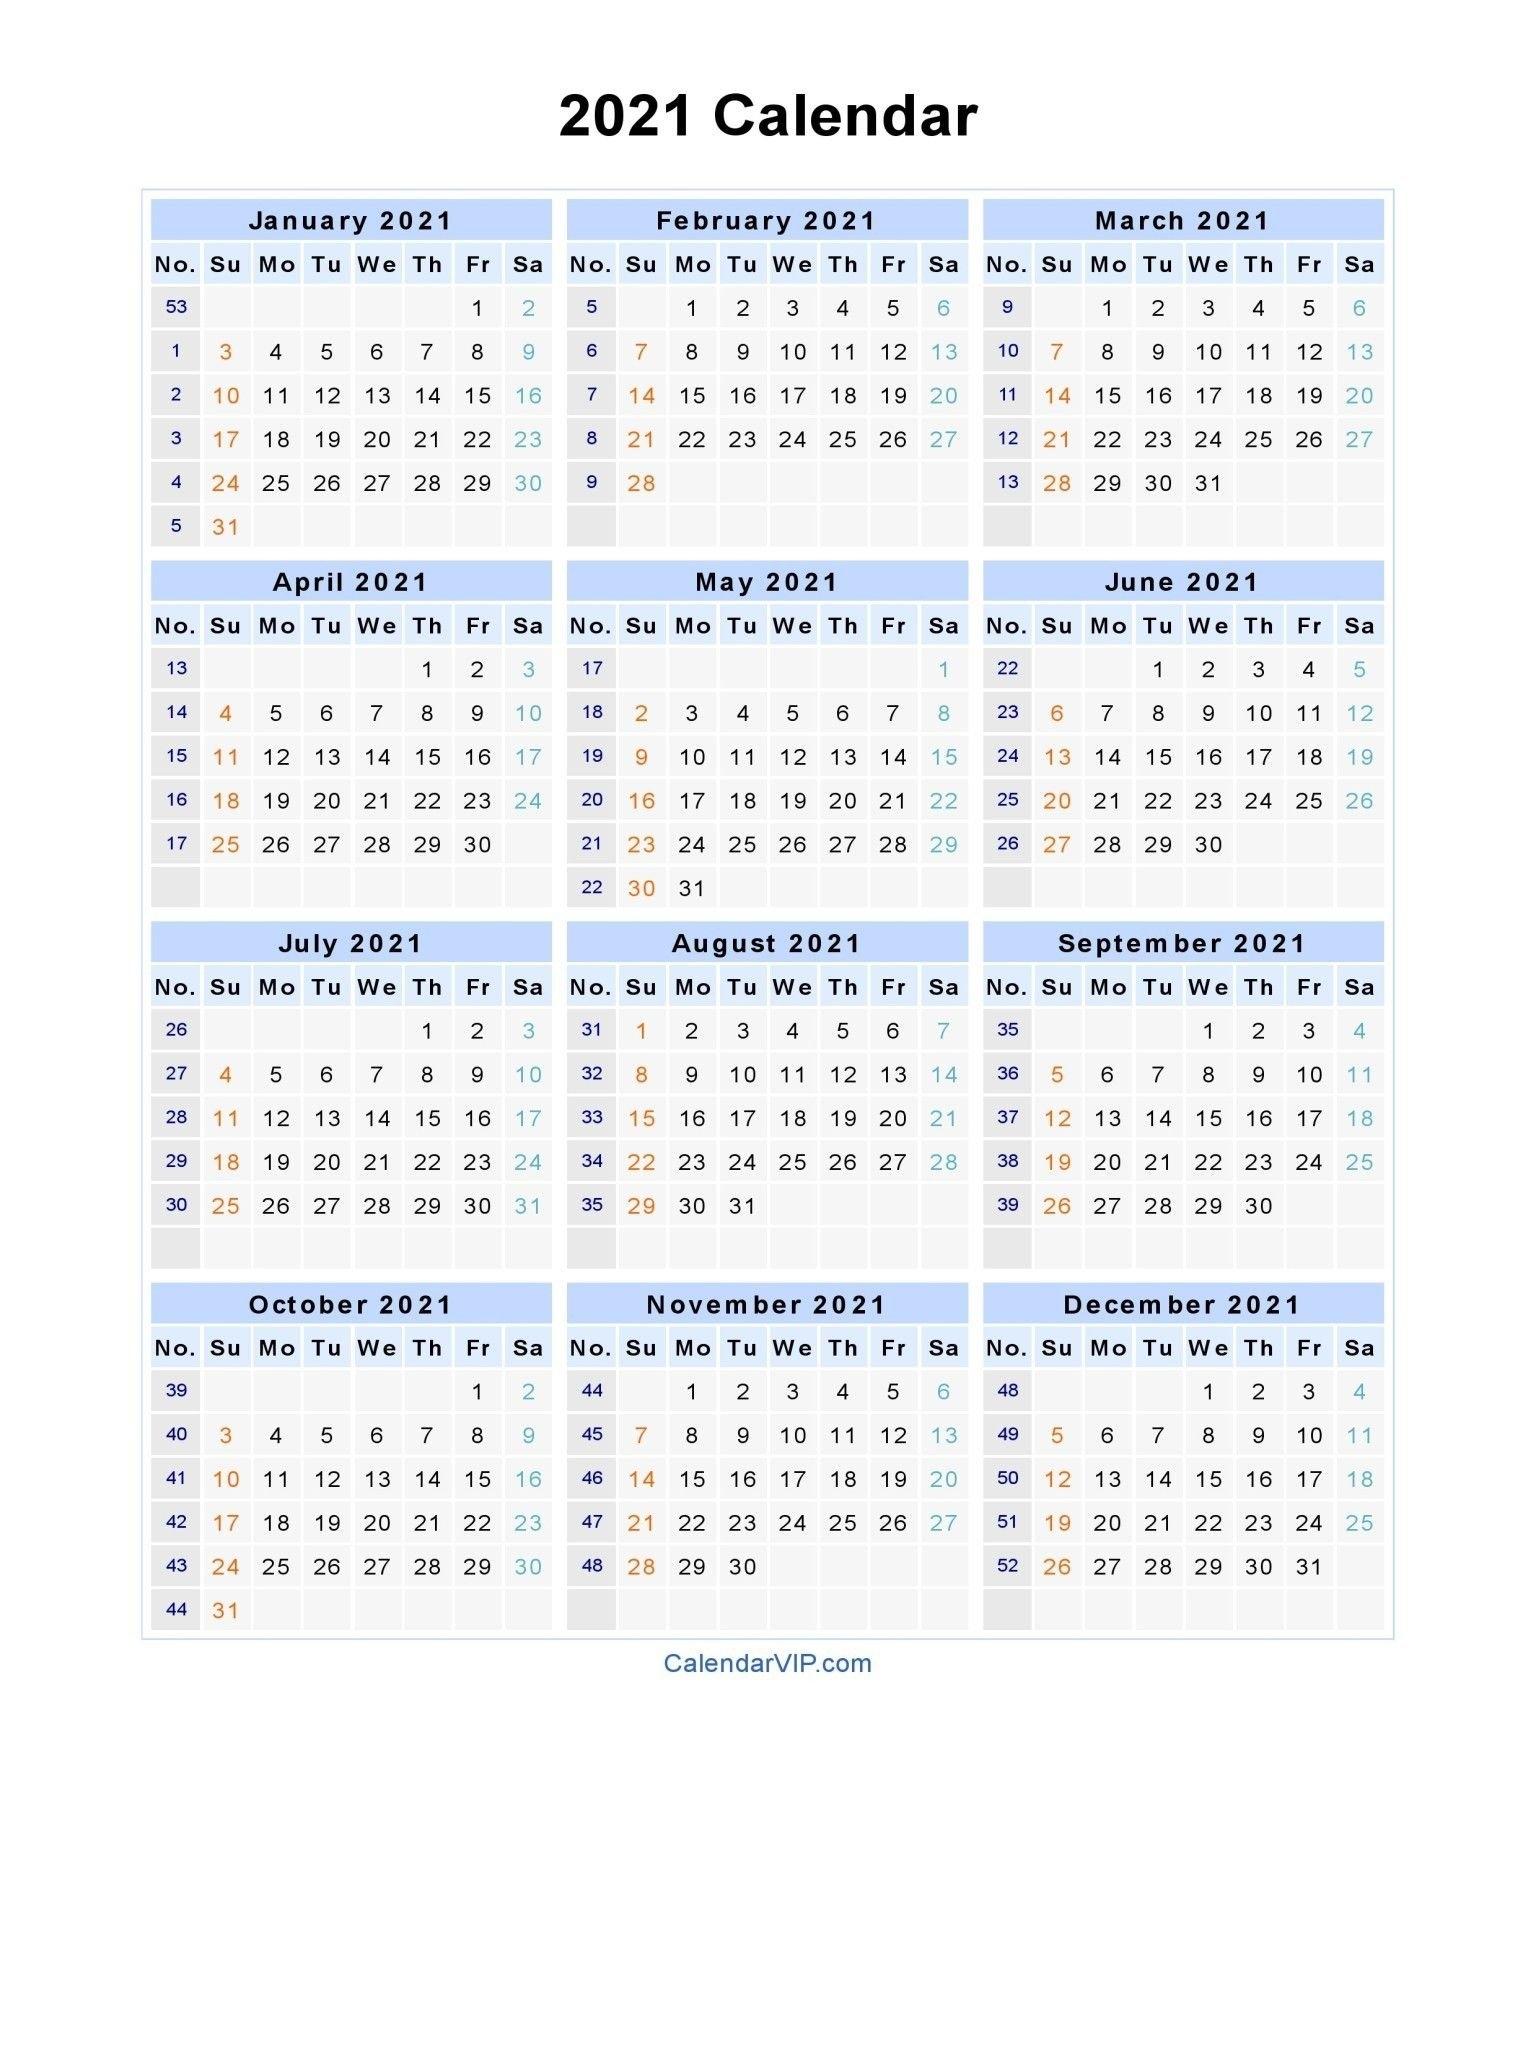 Template Excel 2021 Calendar With Week Numbers Printable   2021 Printable Calendars for Calendar For Year 2021 With Weeks Numbered